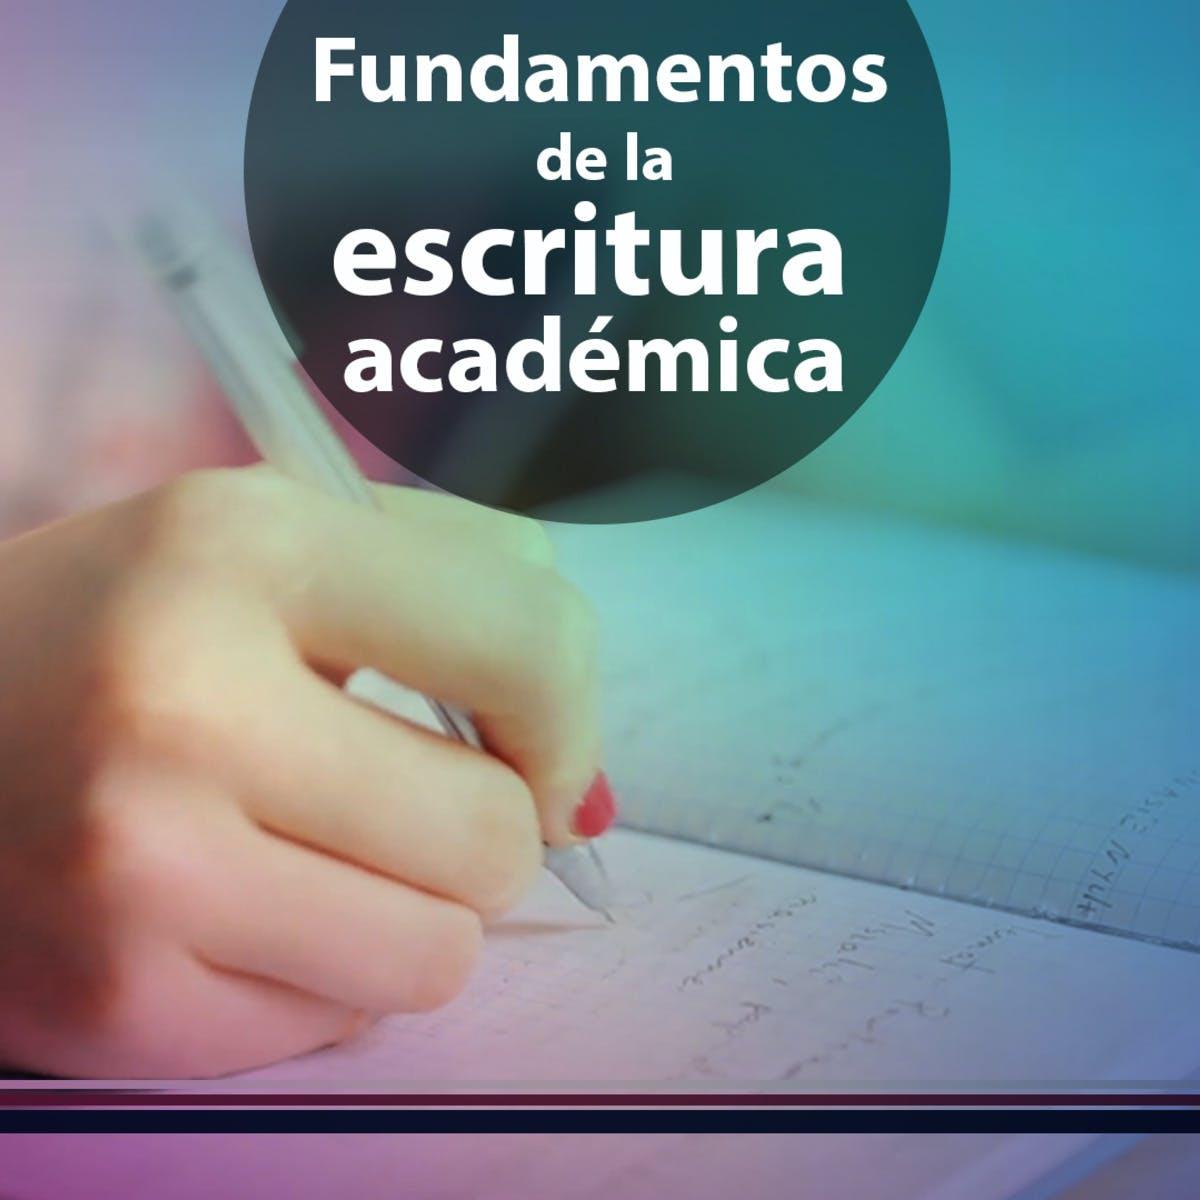 Fundamentos de la escritura académica